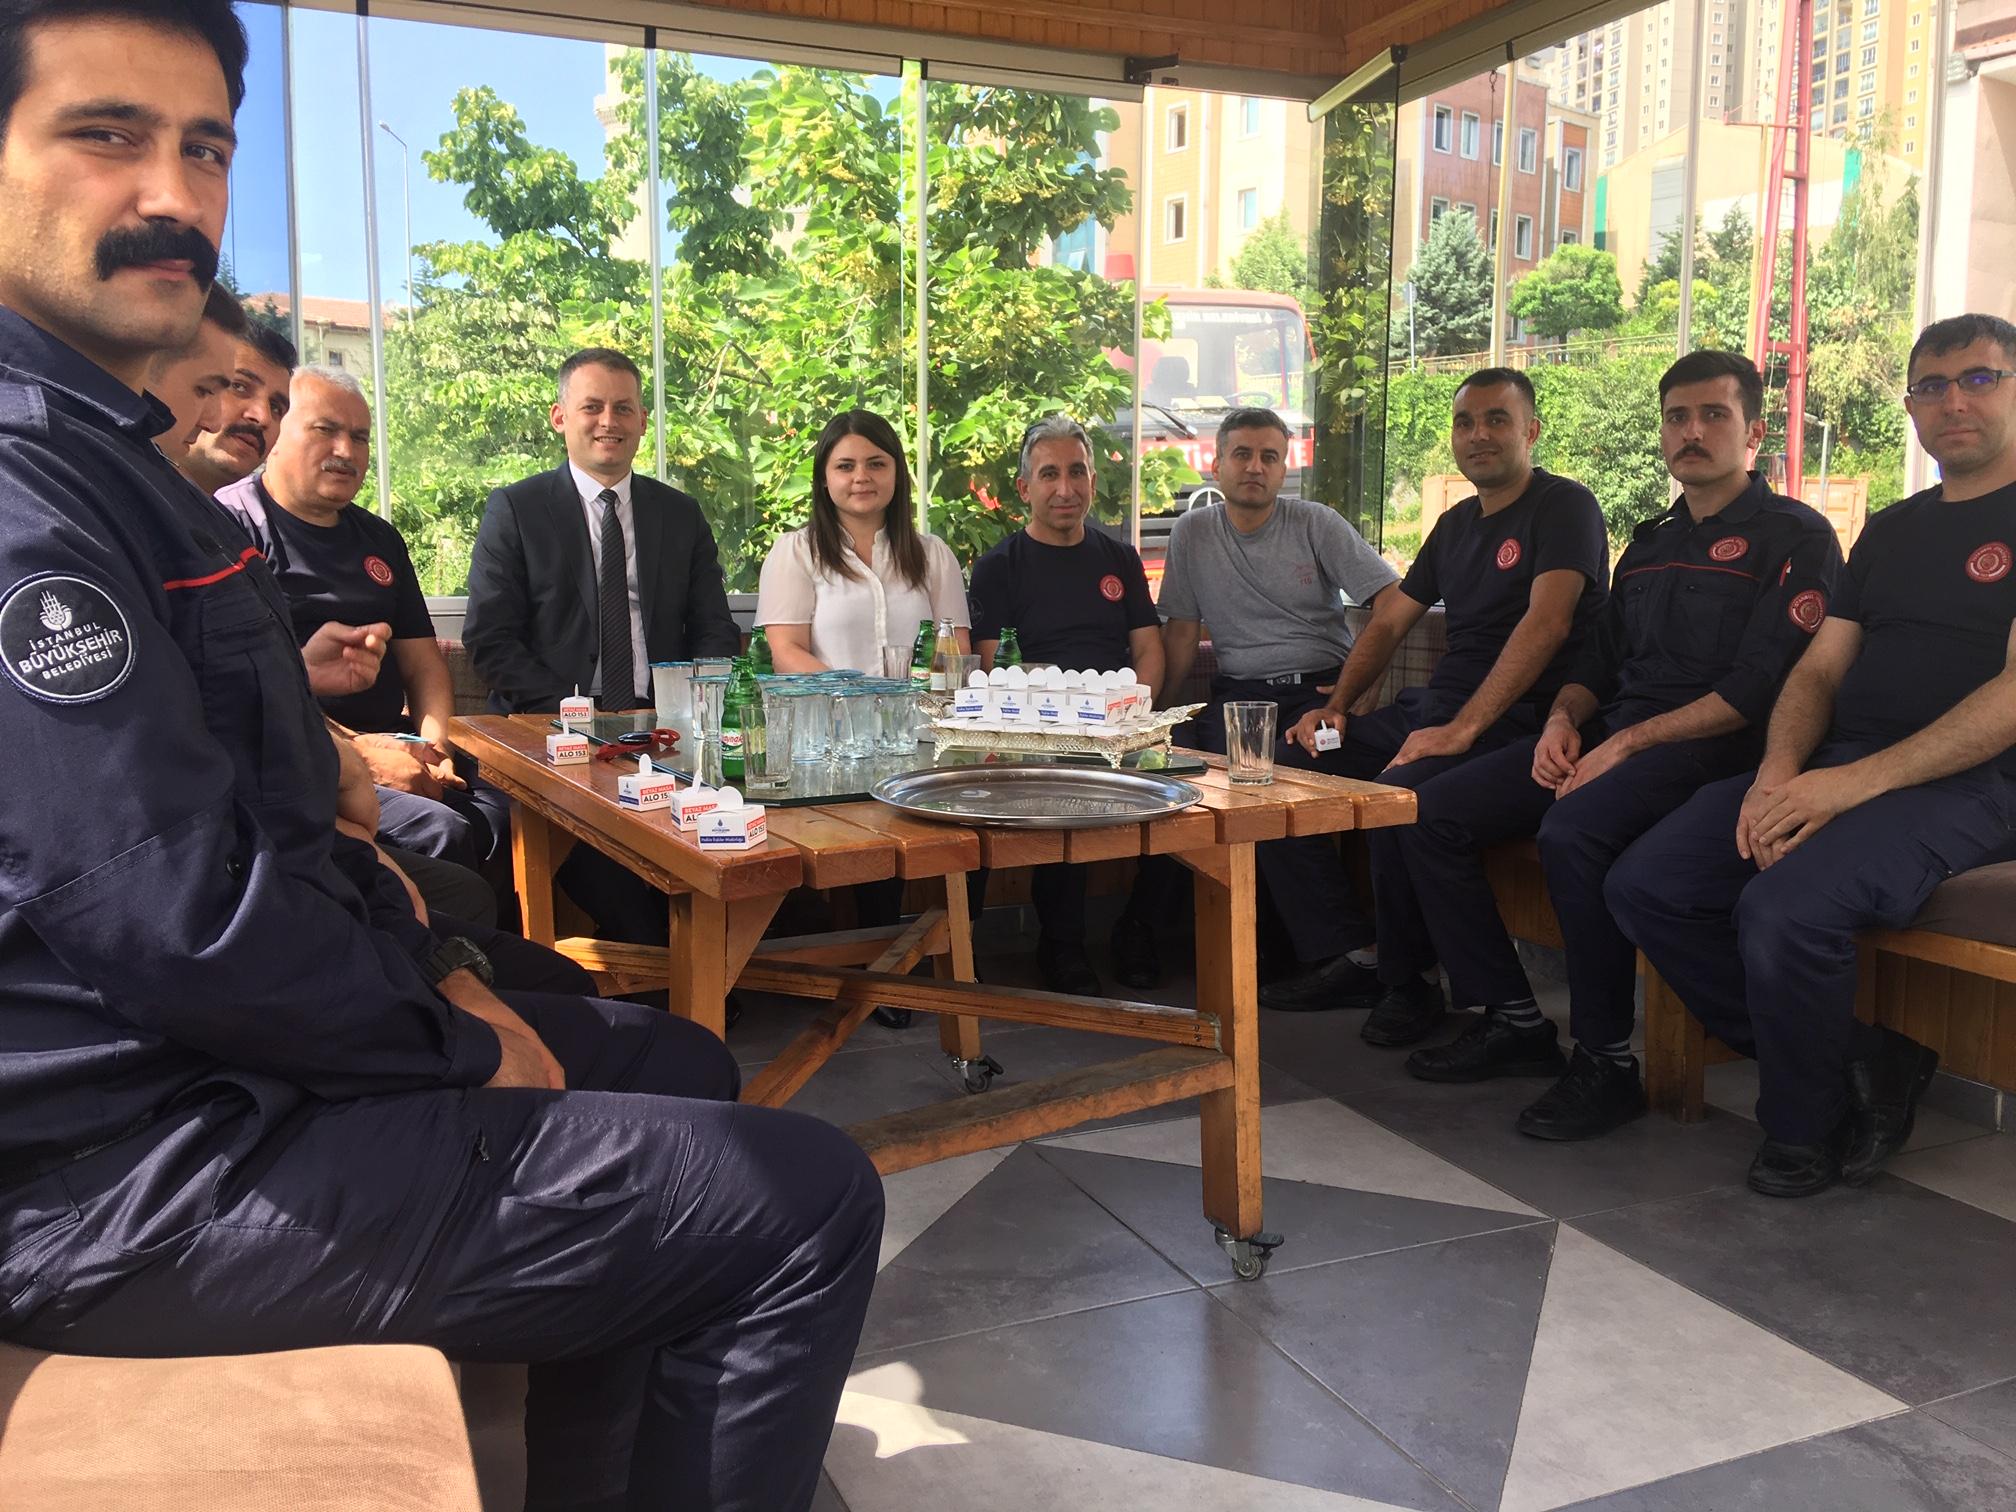 İBB Halkla İlişkiler Müdürlüğünden bayram ziyareti - Haberler - İstanbul İtfaiyesi